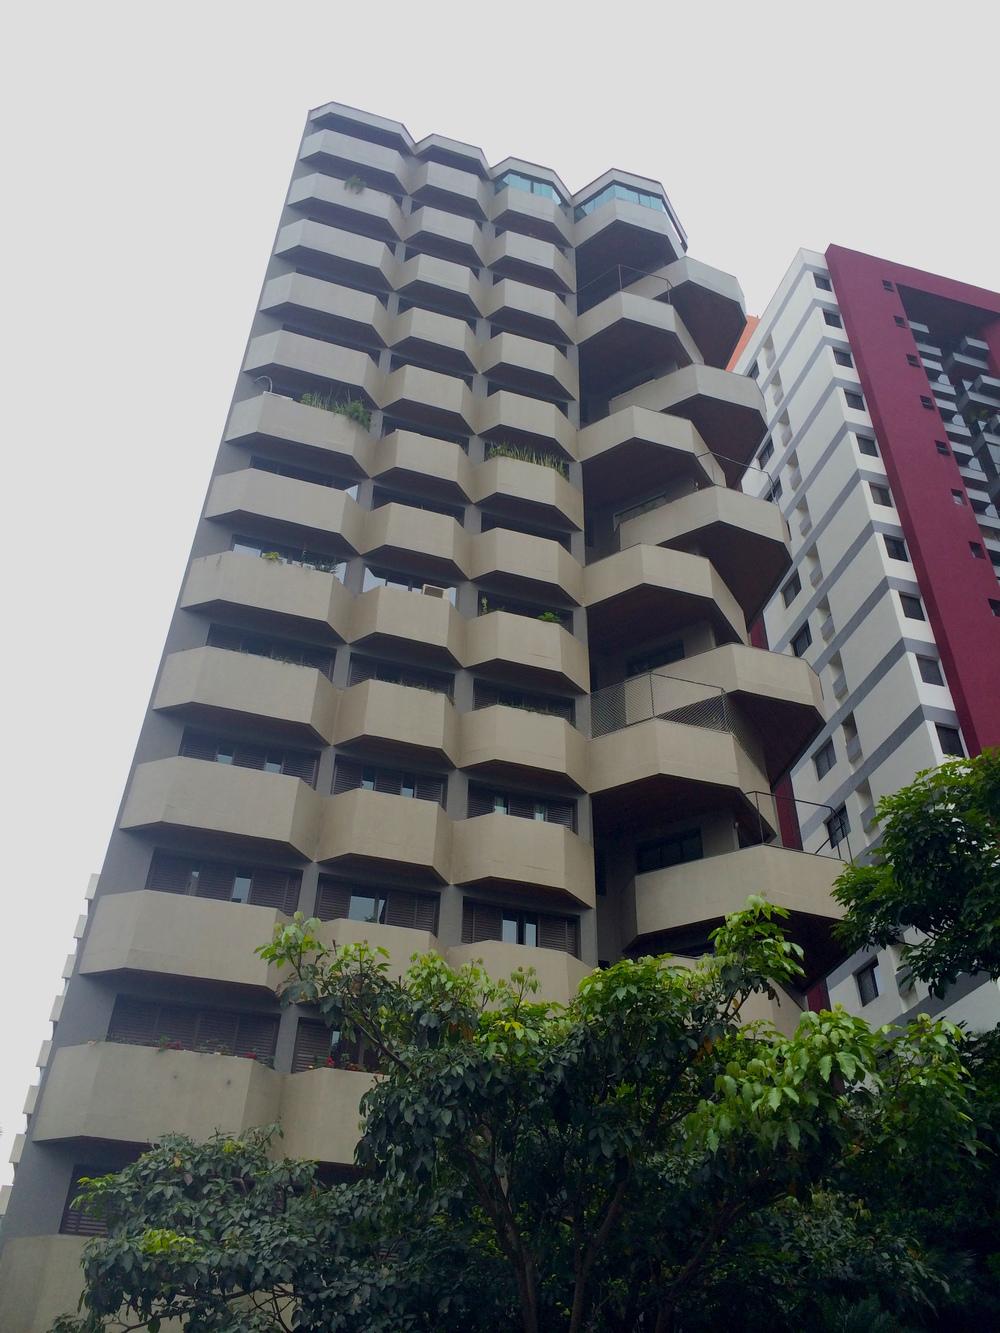 Architecture in Sao Paulo, Brazil